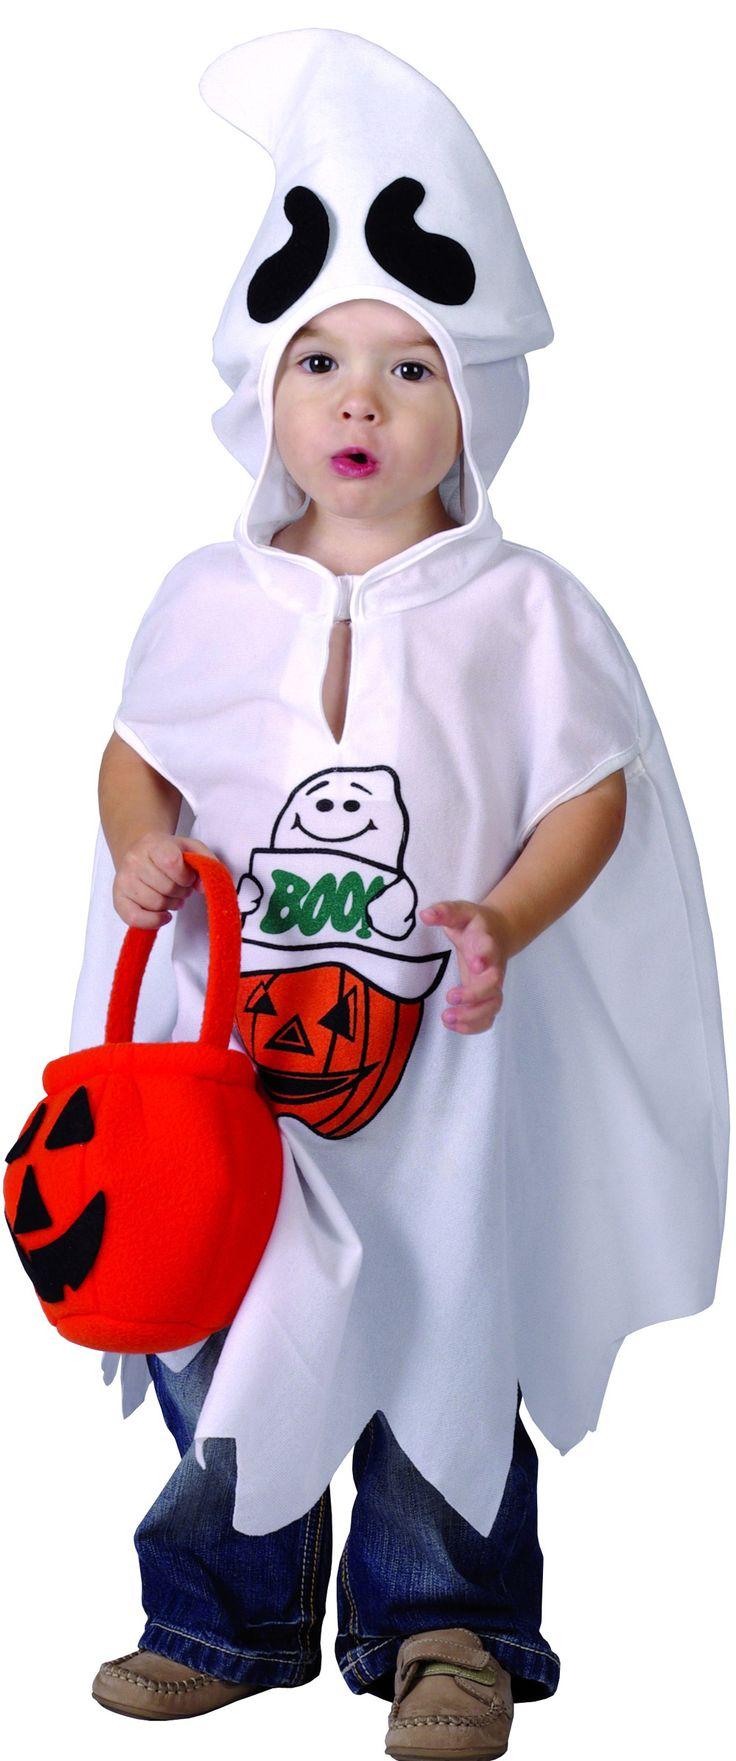 Disfraz fantasma niño : Disfraces niños, y disfraces originales baratos - Vegaoo